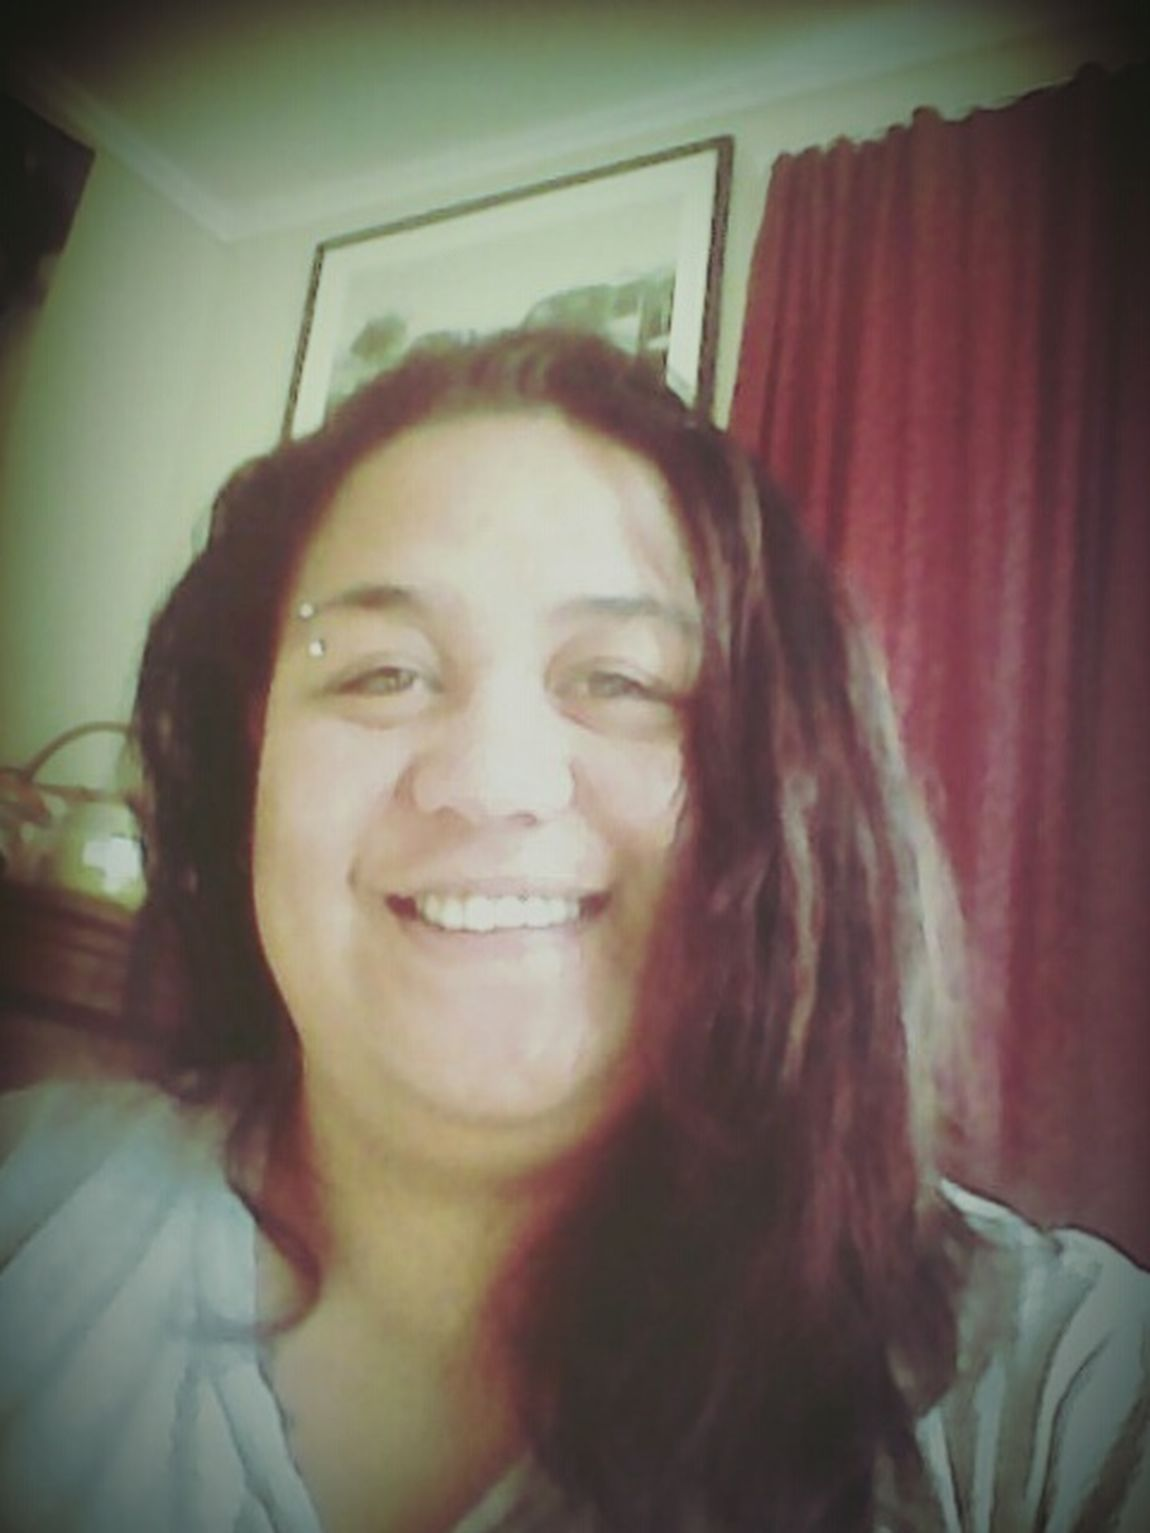 Allnatural NoEditNoFilter Puresunlight ONFLEEK Enjoying The Sun That's Me Hi! Selfie ✌ Lovingme4me